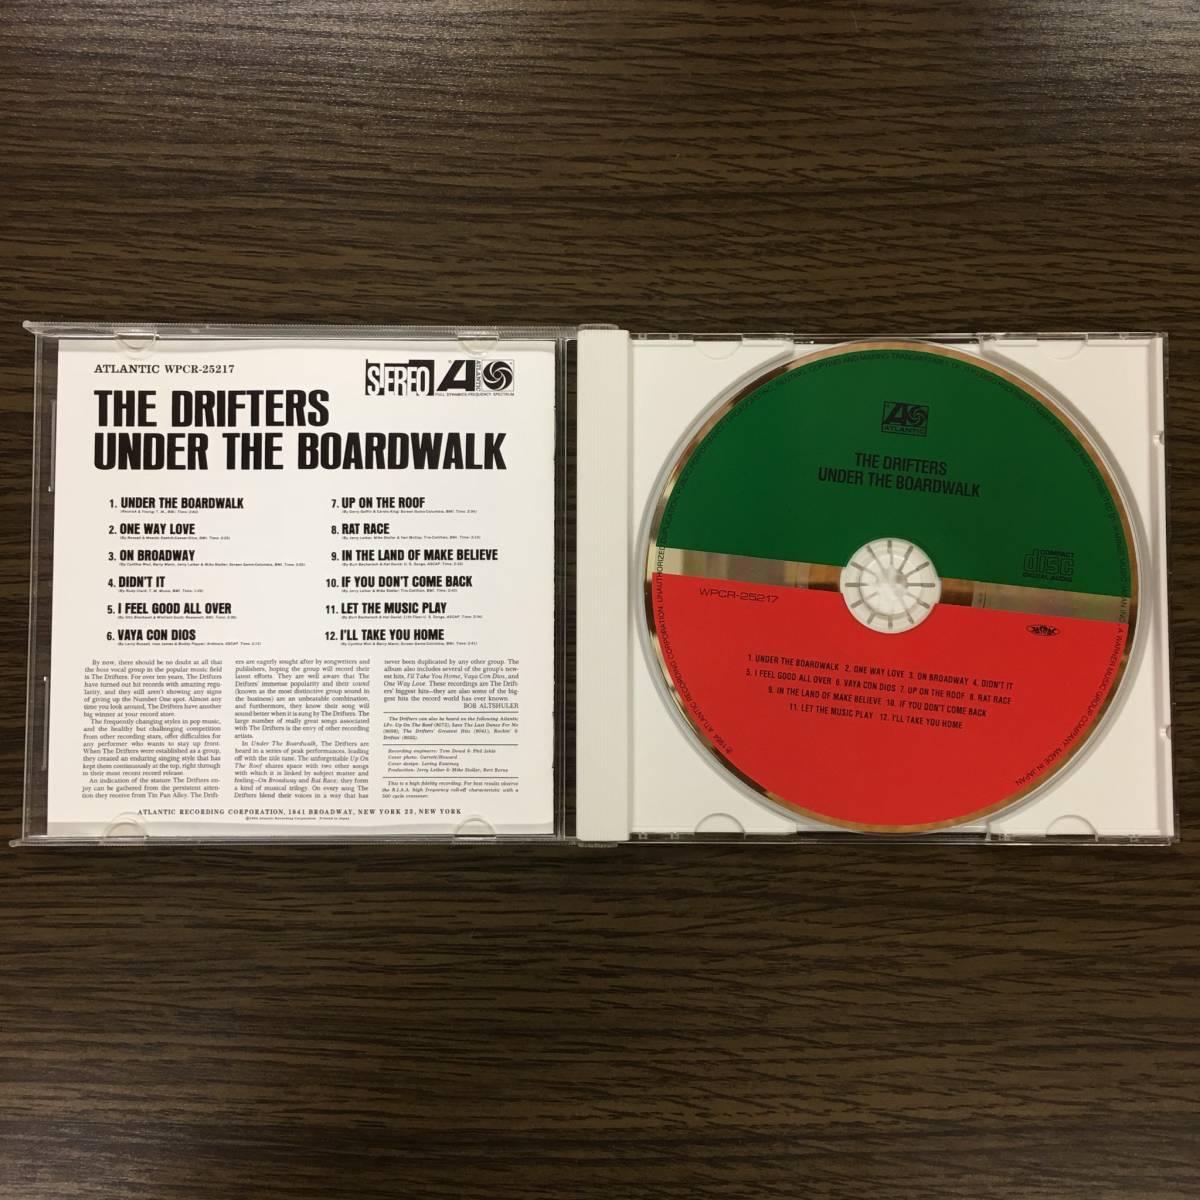 ザ・ドリフターズ★渚のボードウォーク 国内盤CD!